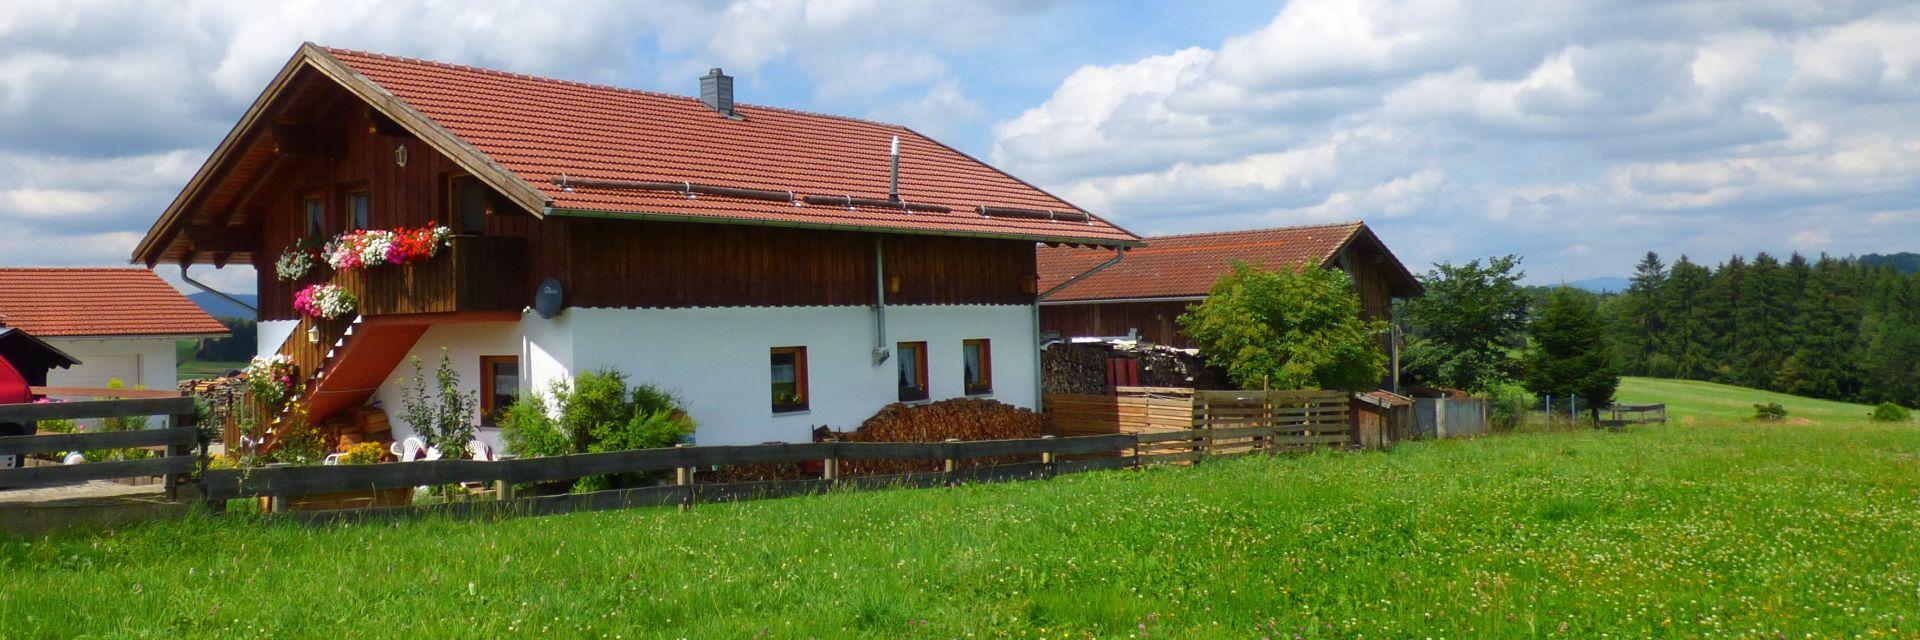 ferienhaus-bayerischer-wald-unterkunft-kirchberg-im-wald